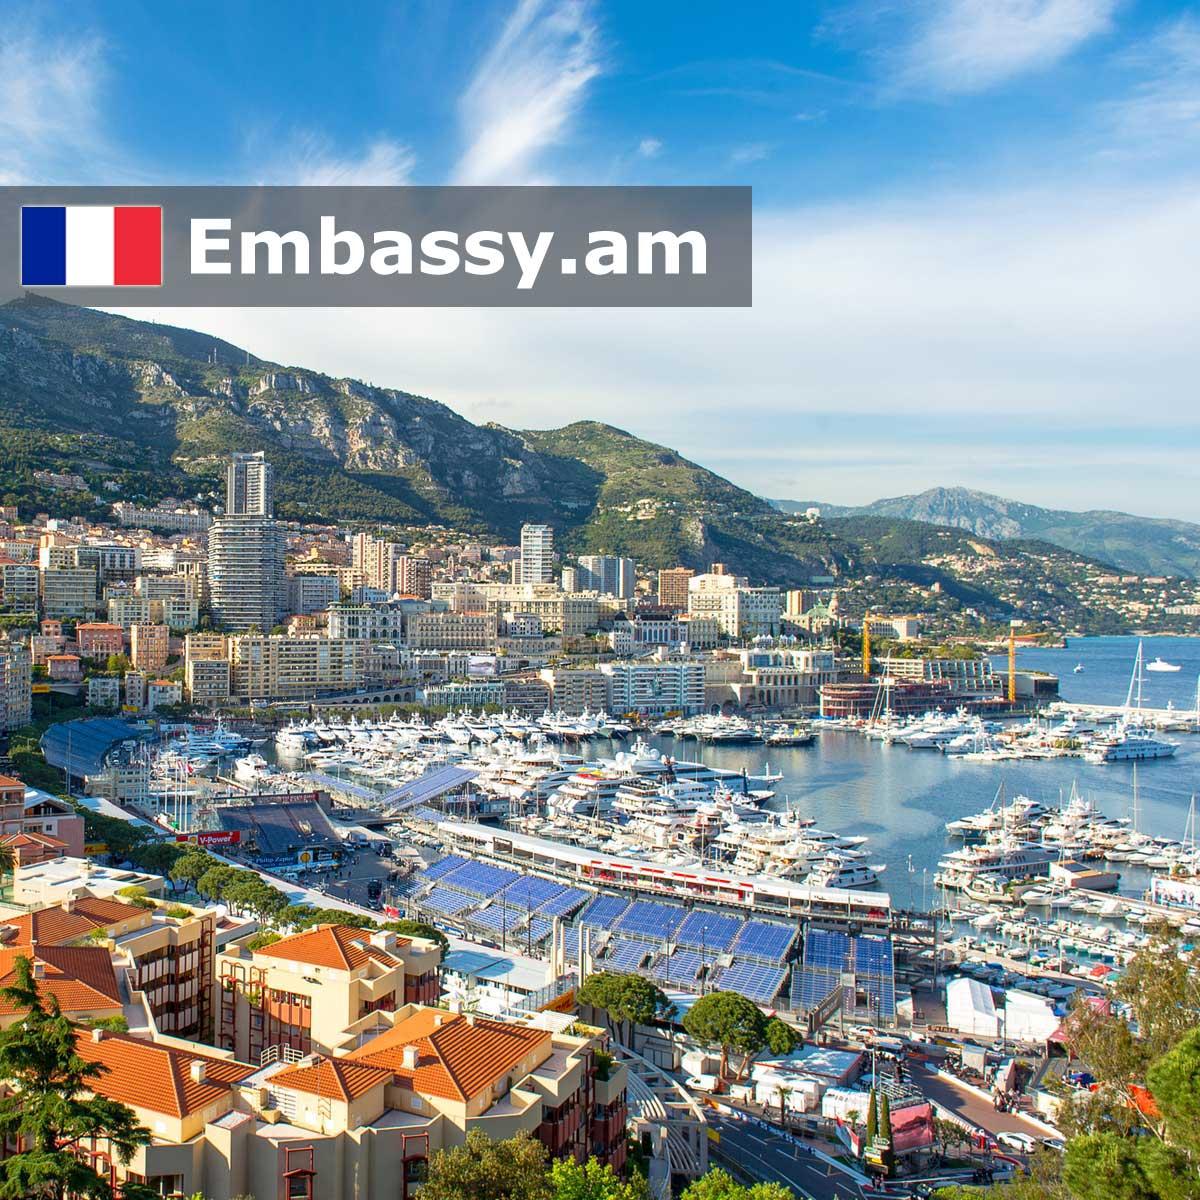 Ницца - Отели во Франции - Embassy.am